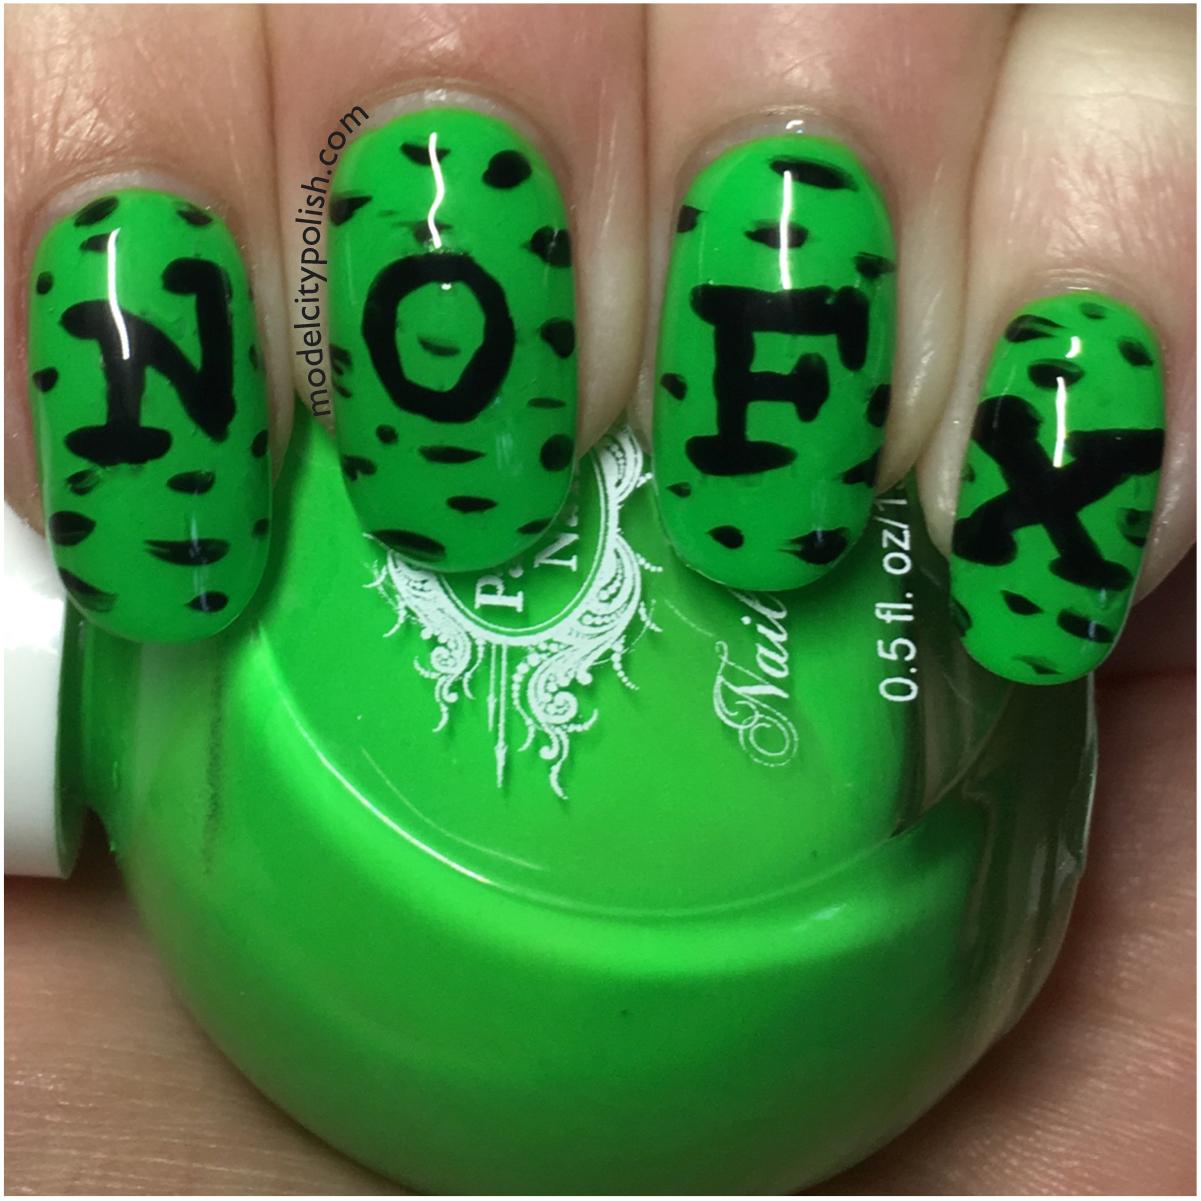 NOFX 1